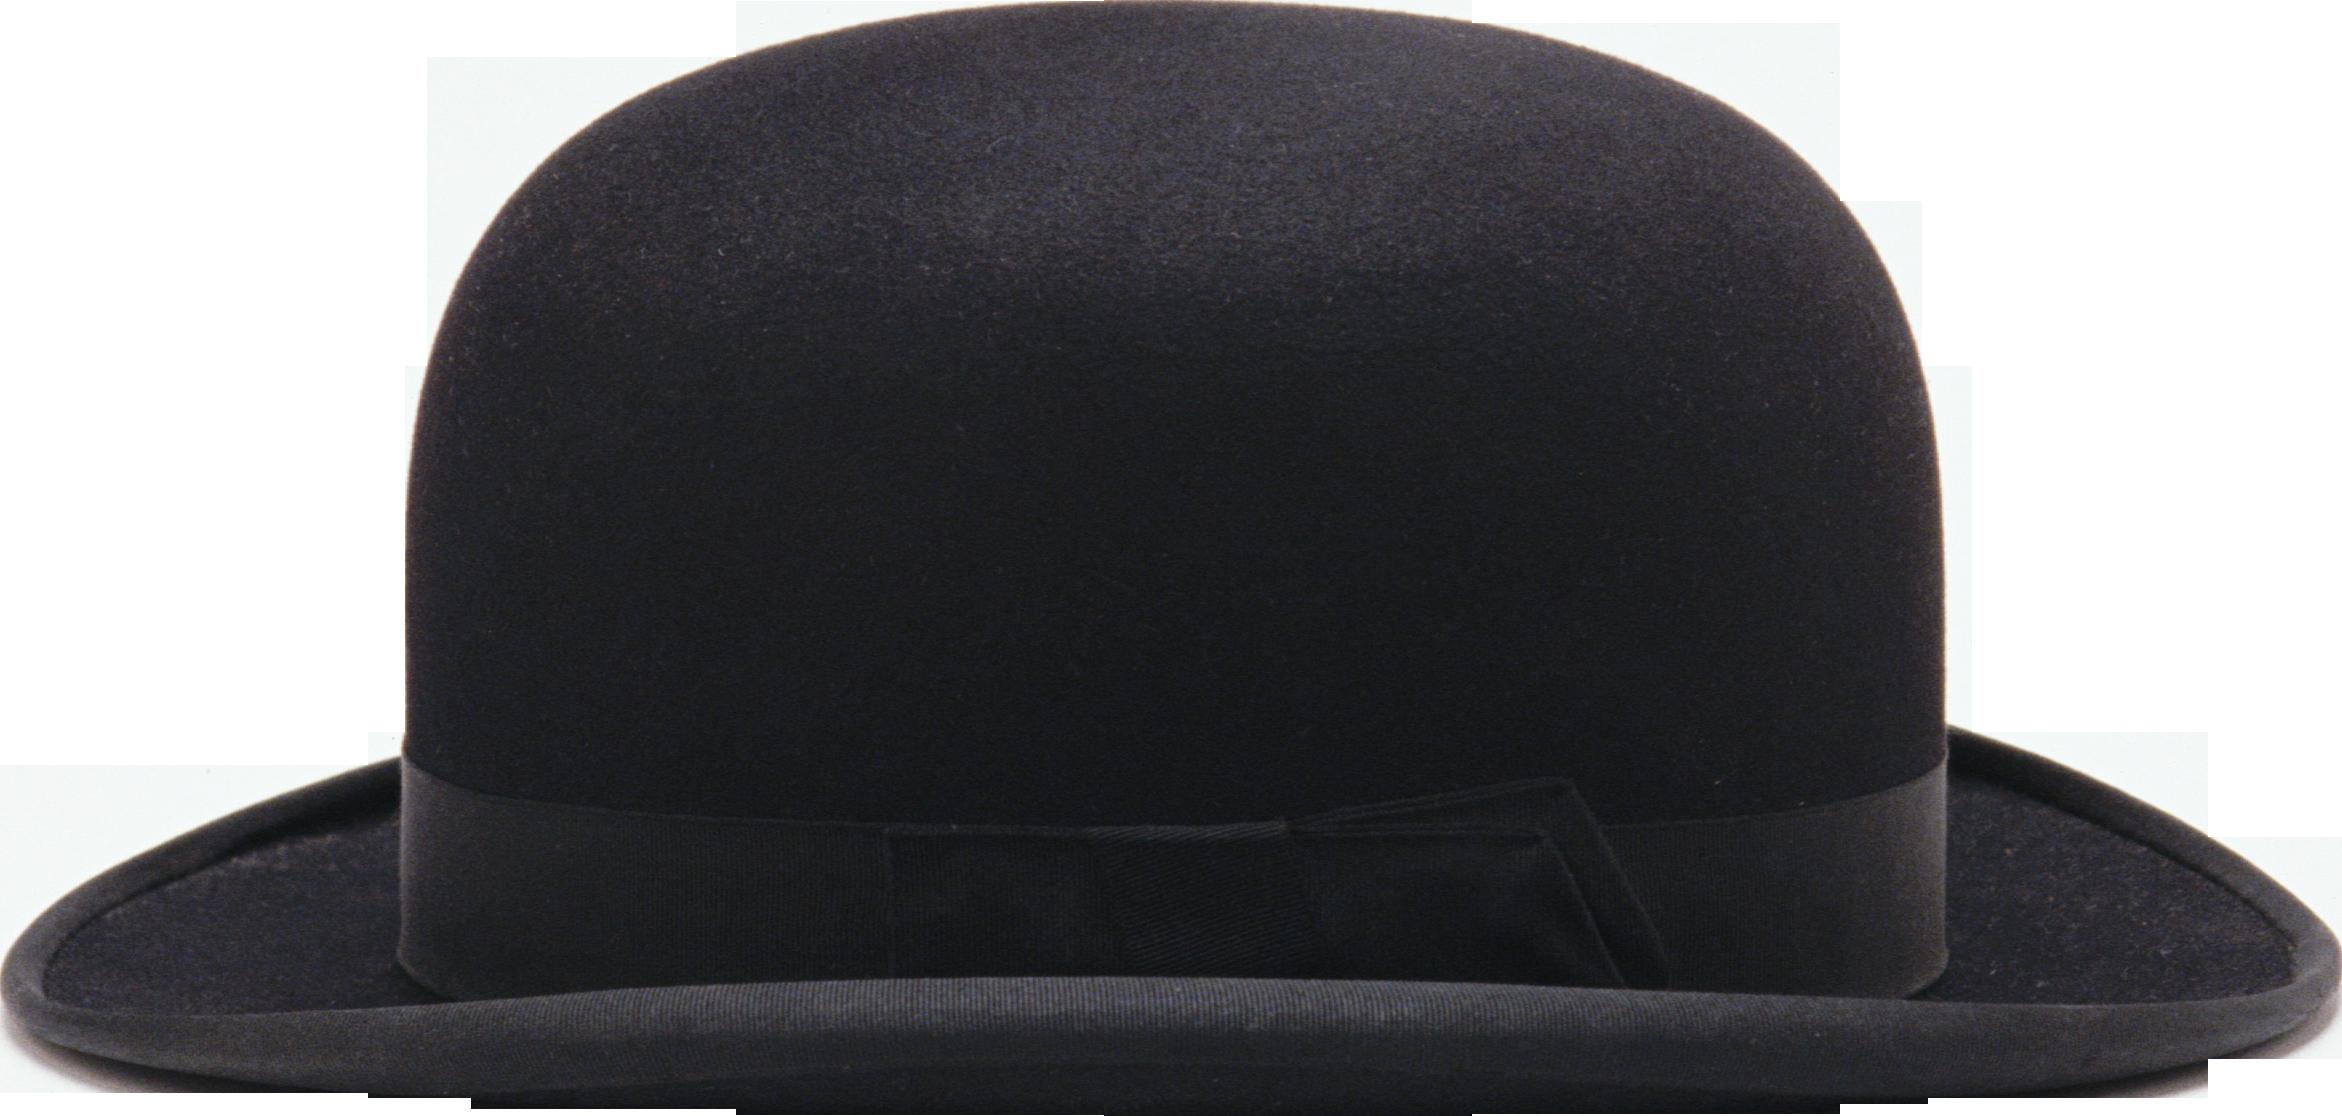 Cap HD PNG - 117337